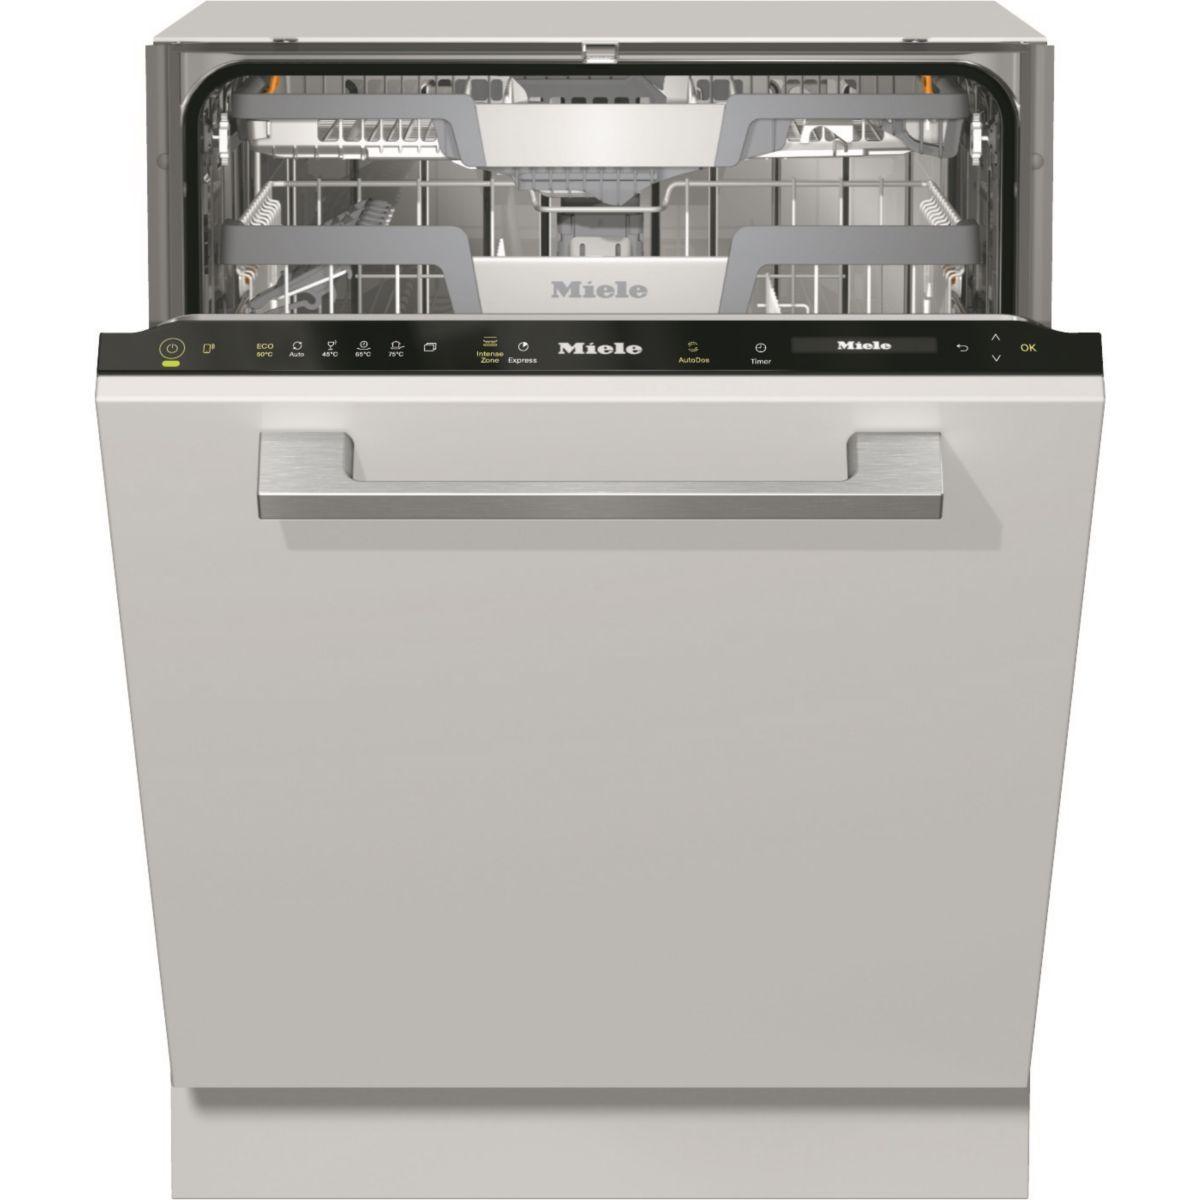 Lave Vaisselle Tout Integrable G 7360 Scvi Autodos Taille